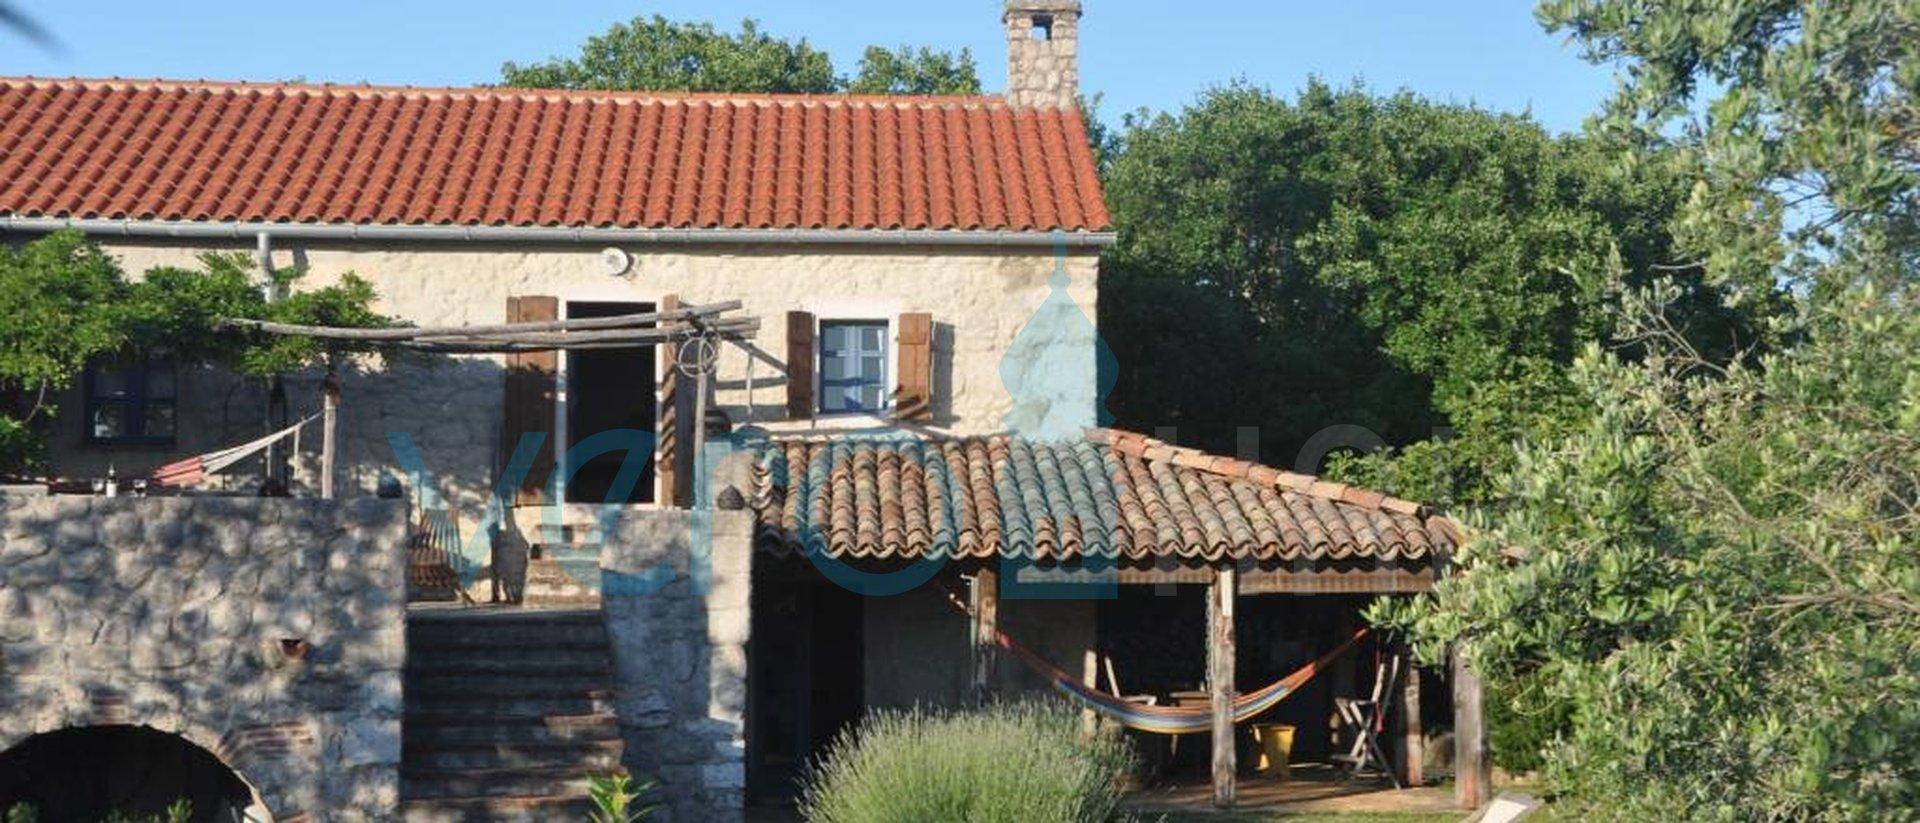 Dobrinj, Umgebung, freistehendes Steinhaus mit Pool und Garten